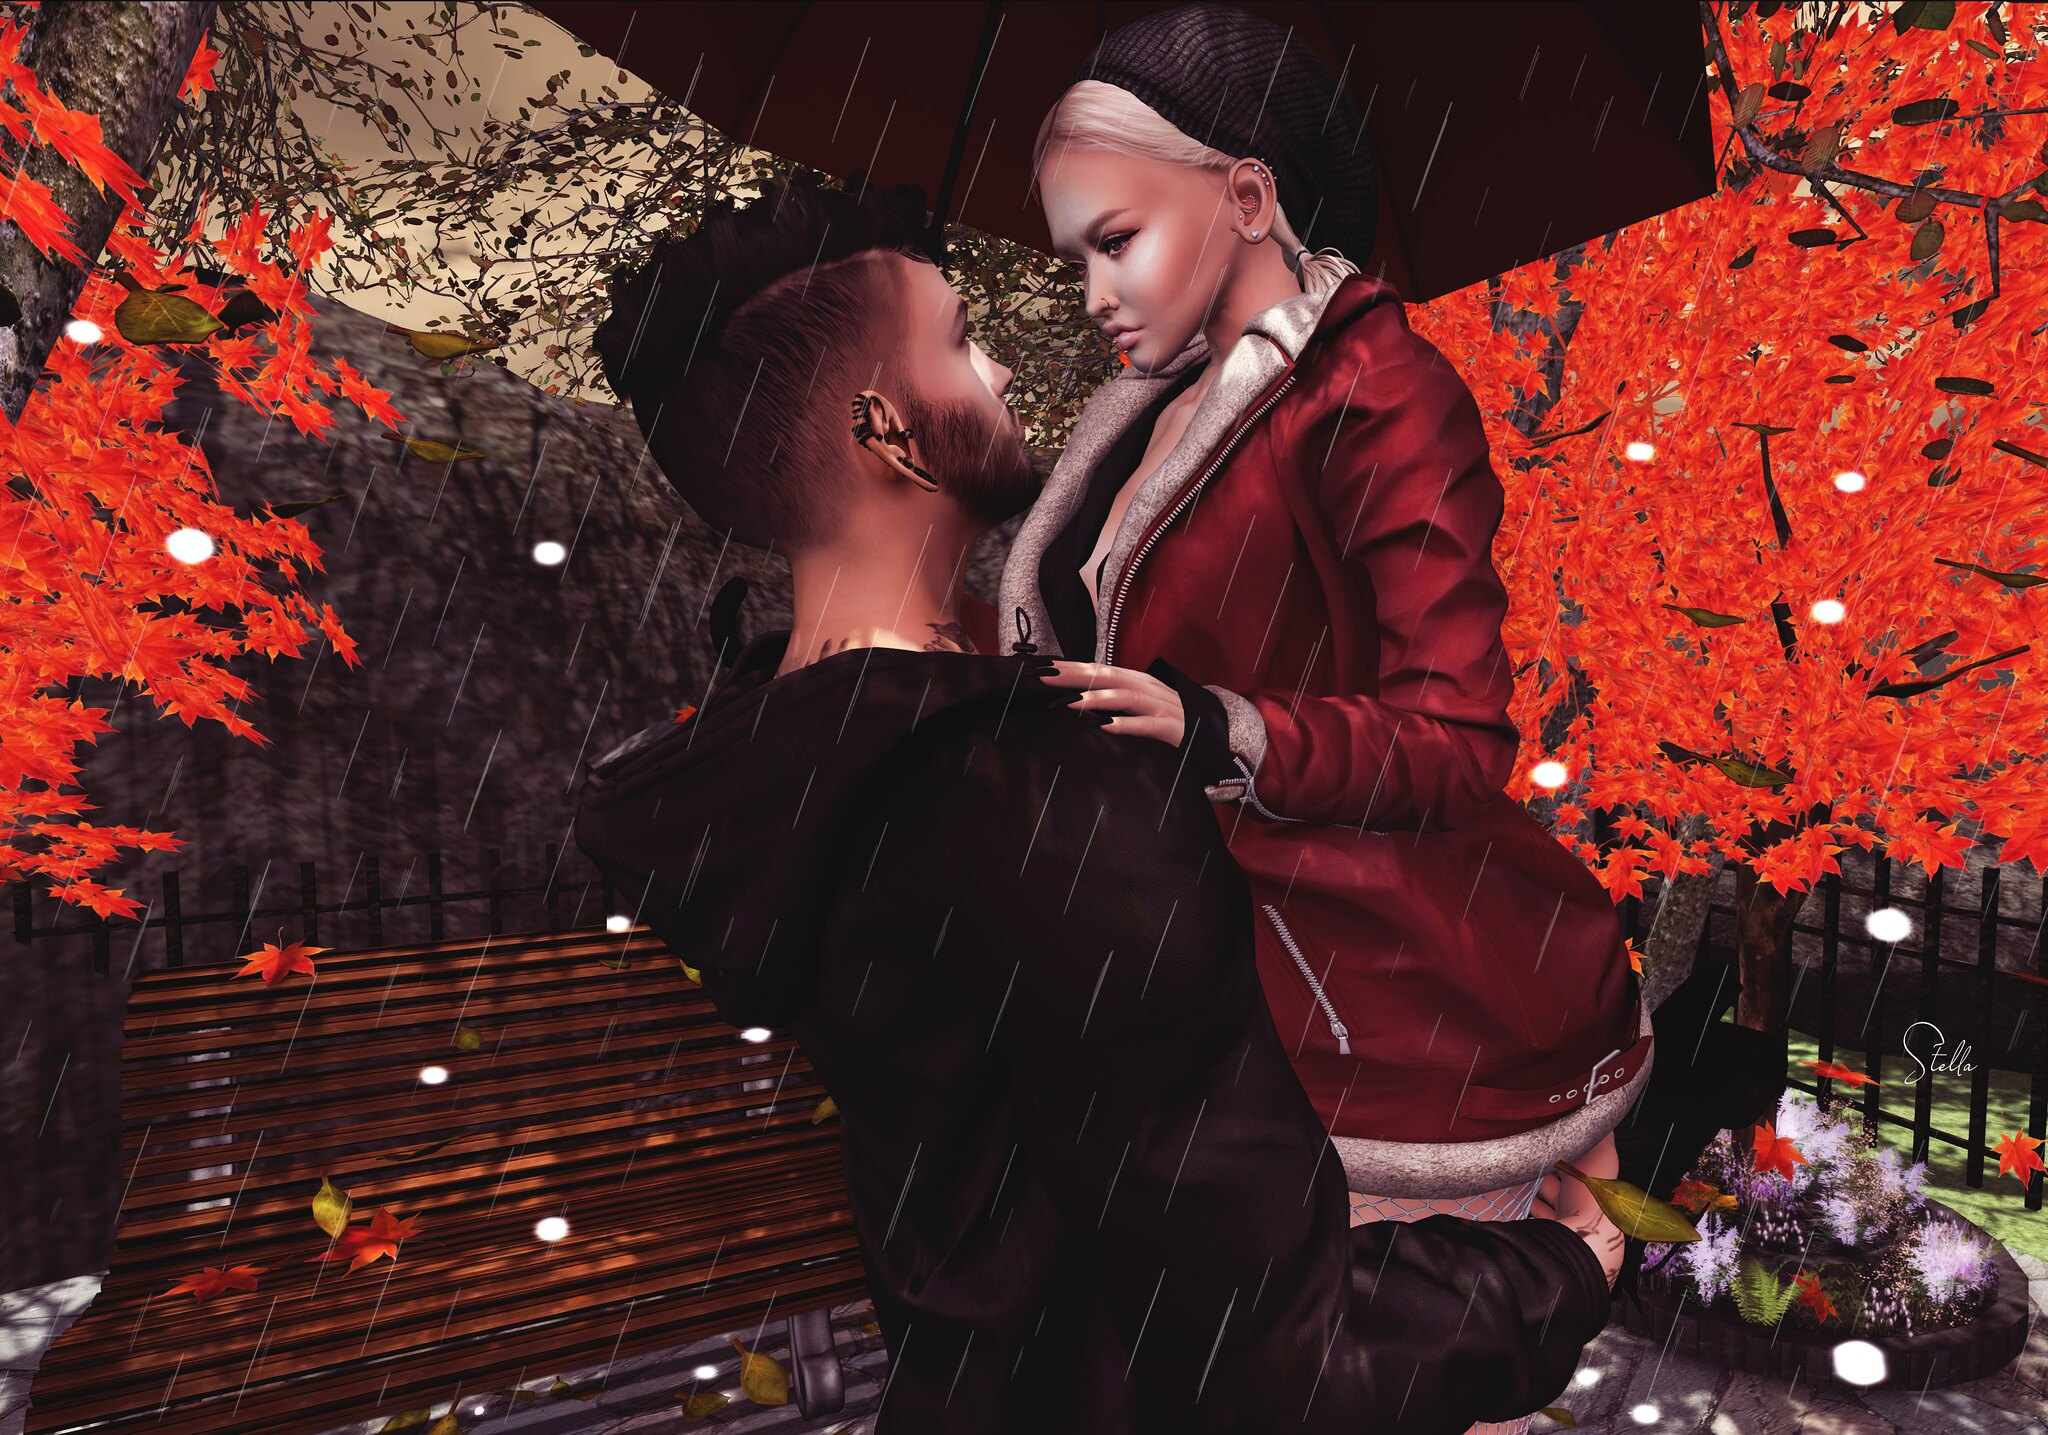 #1637 - Raining Romance